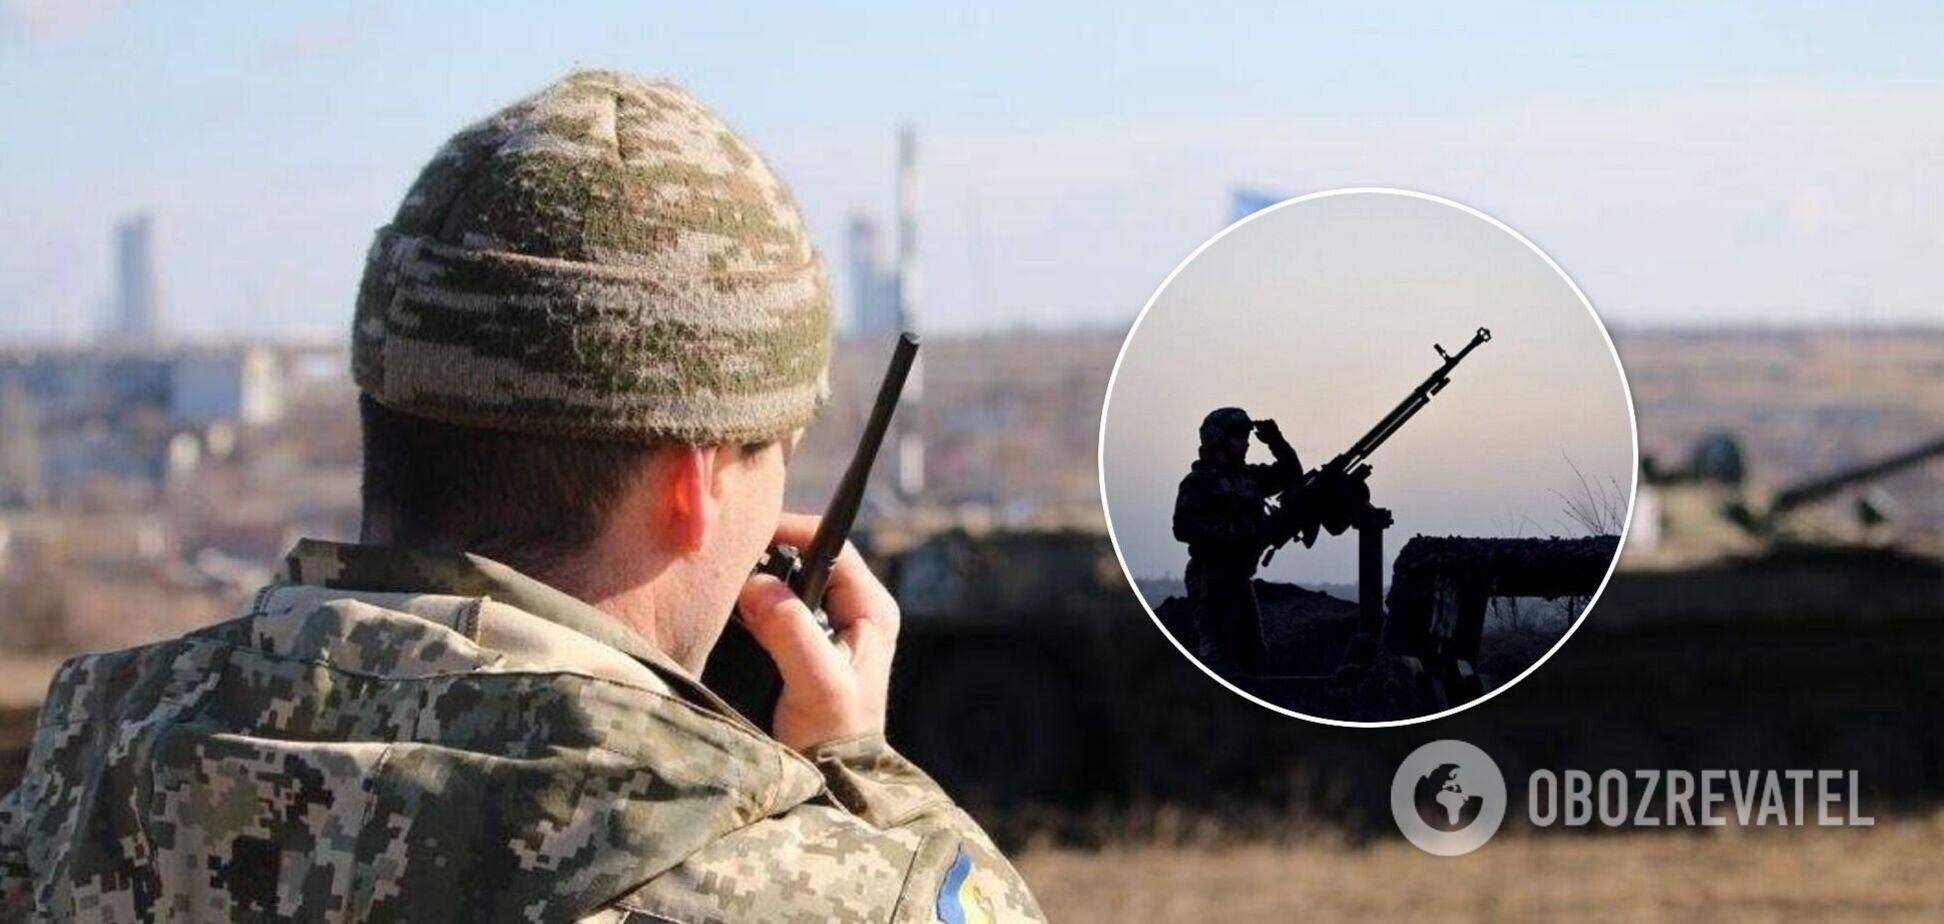 Чи хочуть росіяни війни, спитайте краще у війни на Донбасі